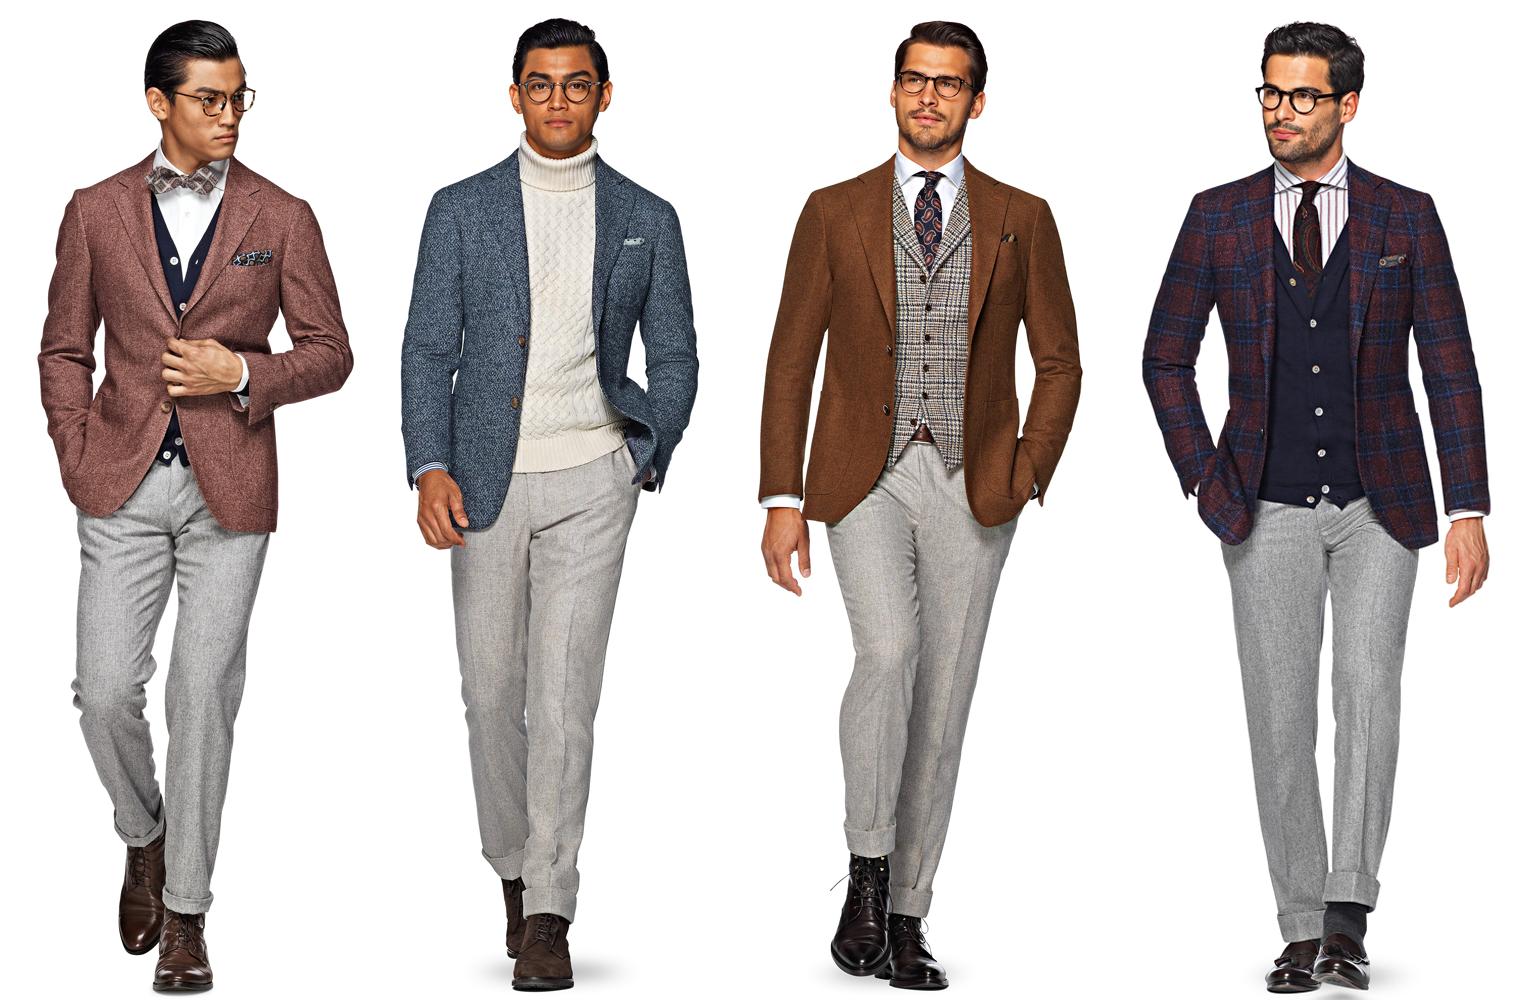 7edb708a8d22a7 Szare flanelowe spodnie idealnie nadają się do zestawów koordynowanych.  Źródło: eu.suitsupply.com